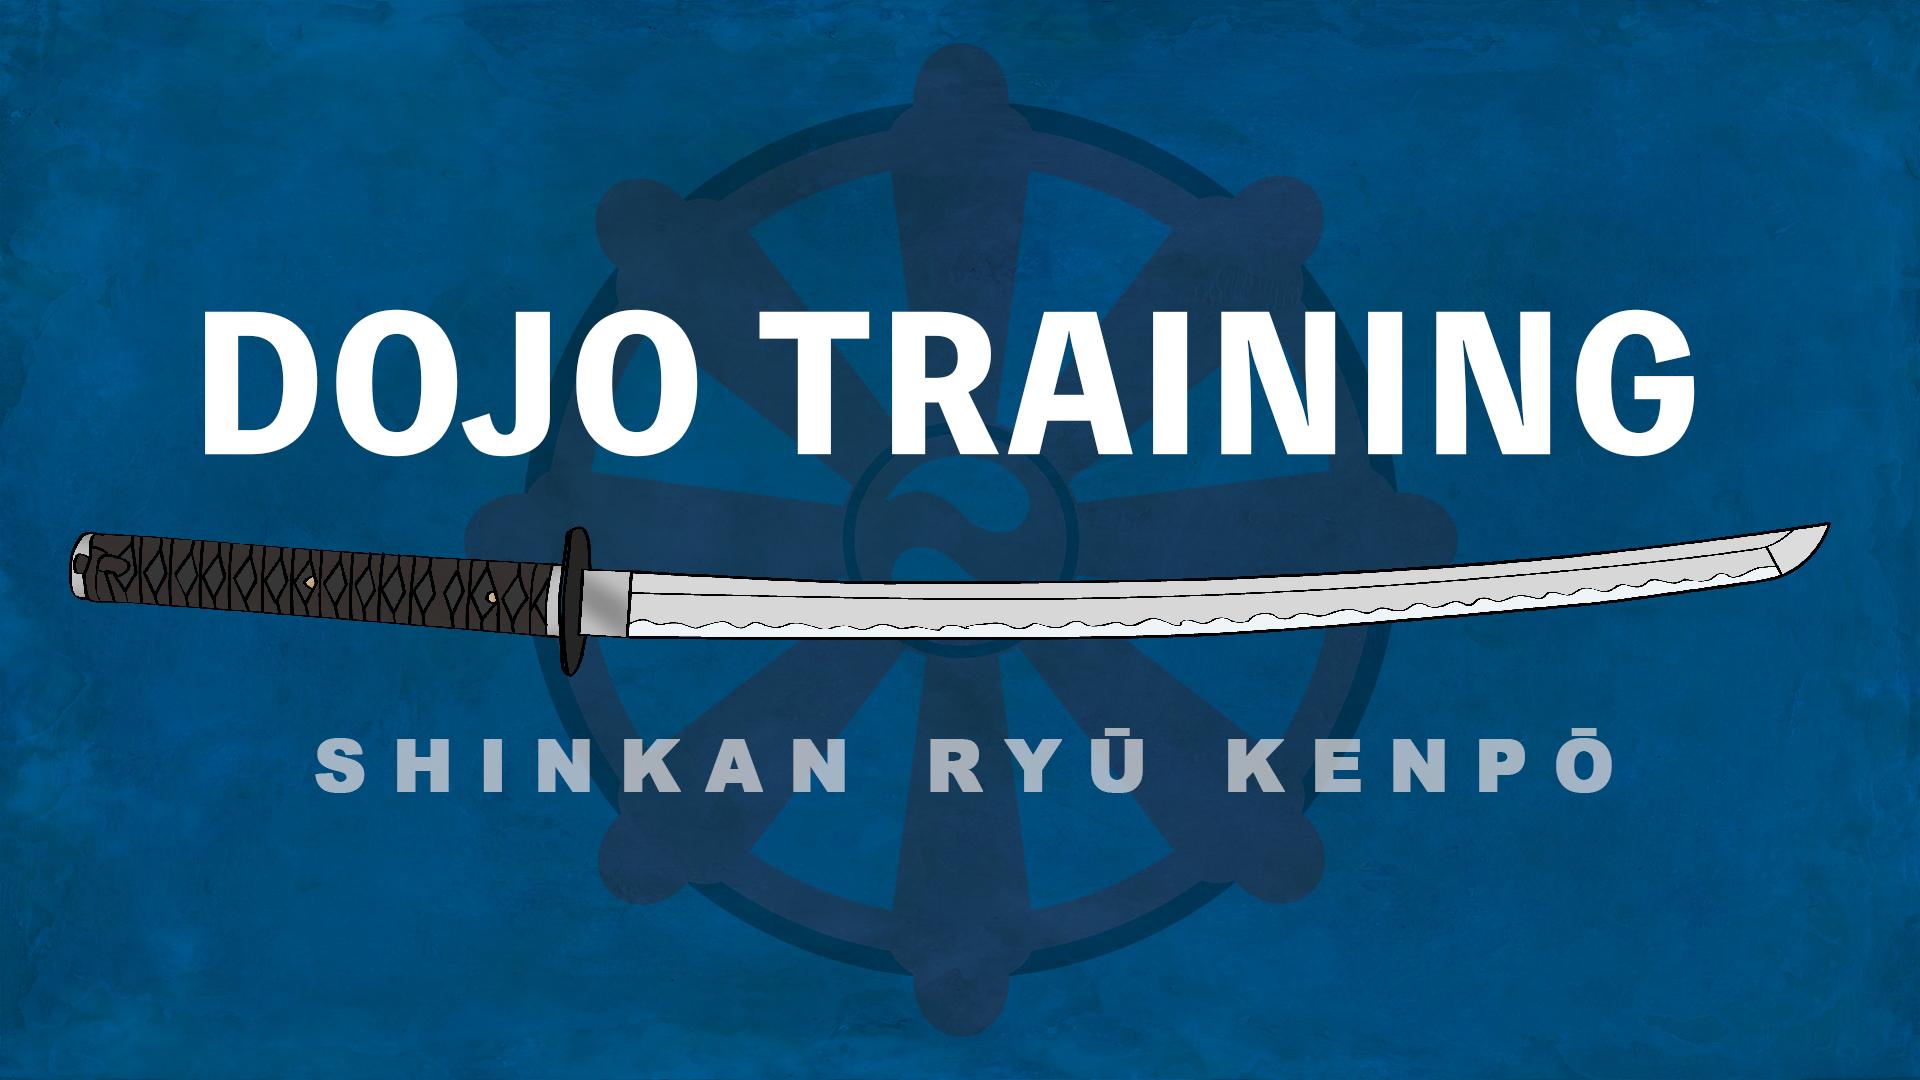 dojo training